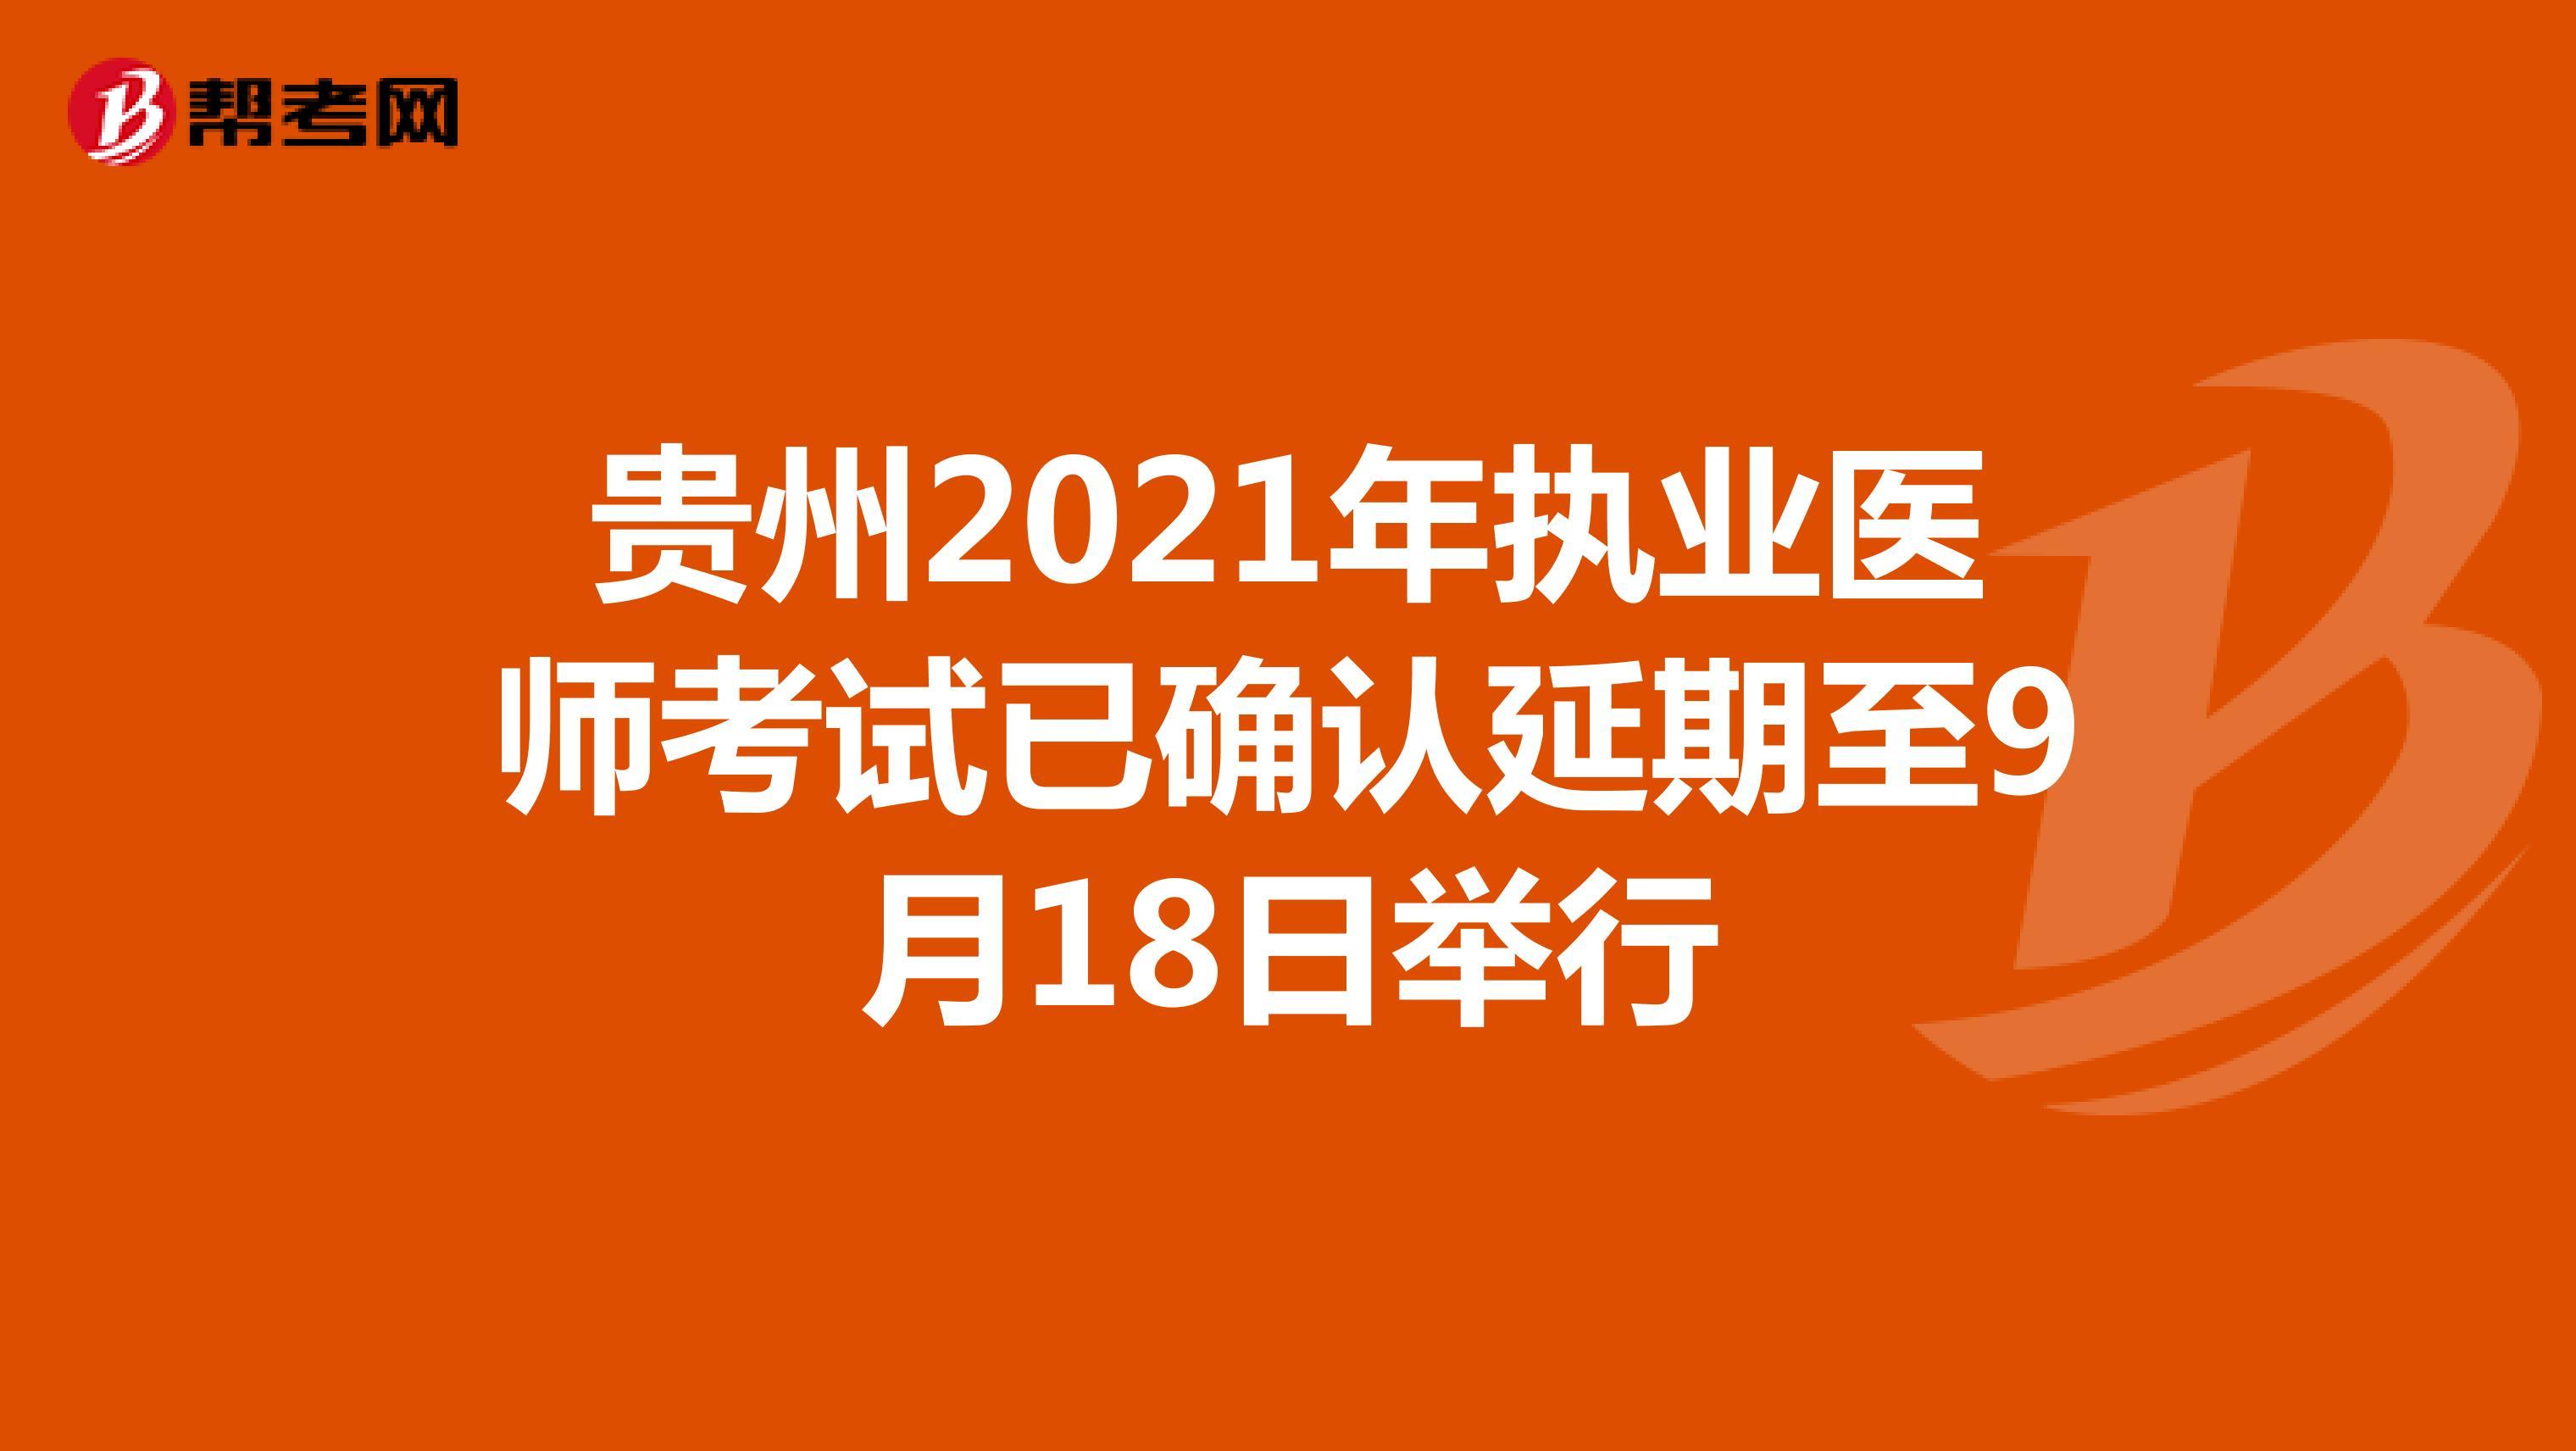 贵州2021年执业医师考试已确认延期至9月18日举行